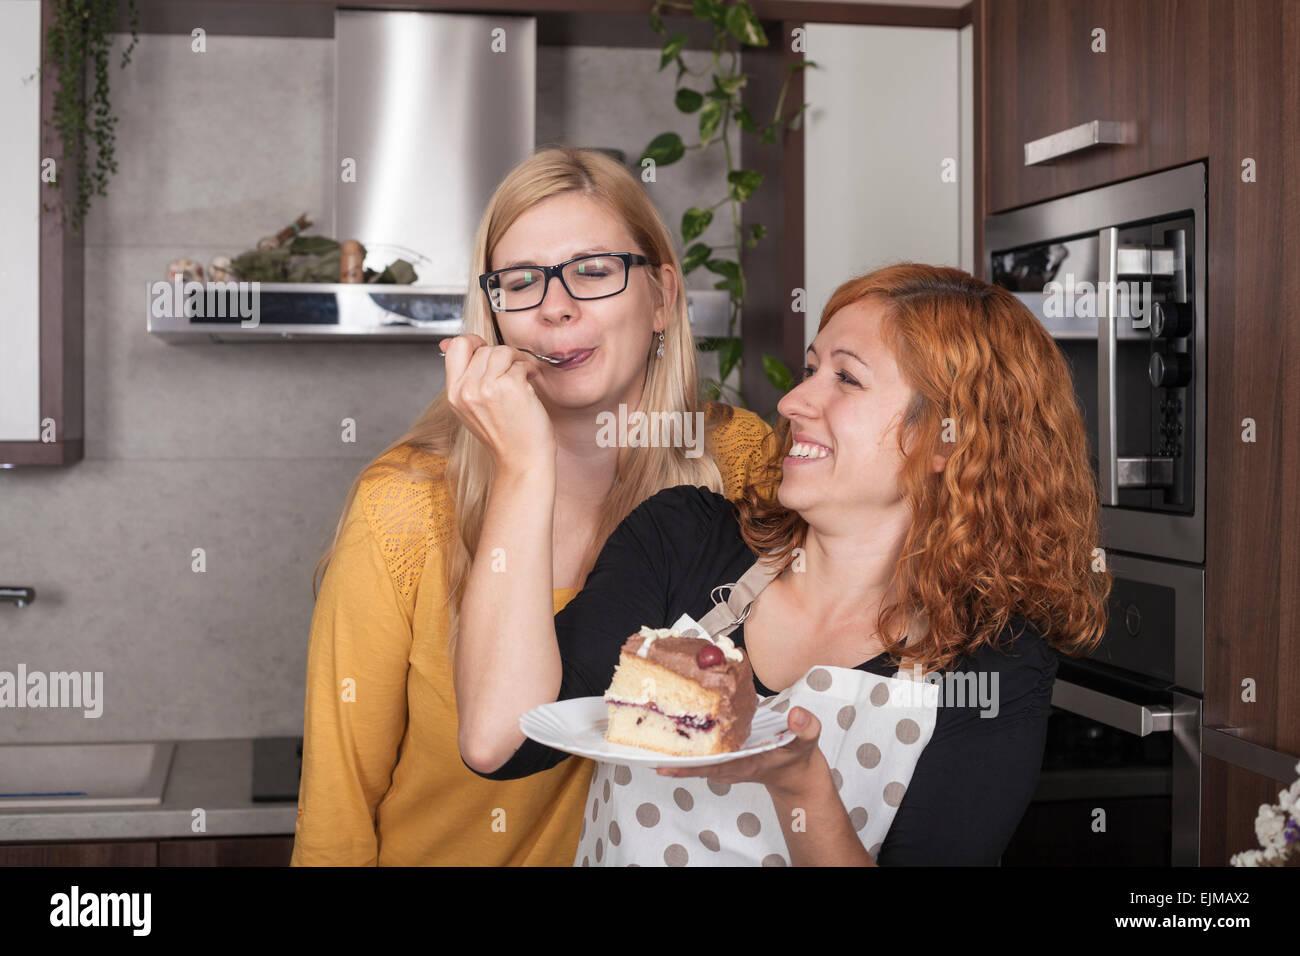 Encantado De Amigas Disfrutando De Una Torta Y Alimentan Mutuamente En La Cocina De Casa